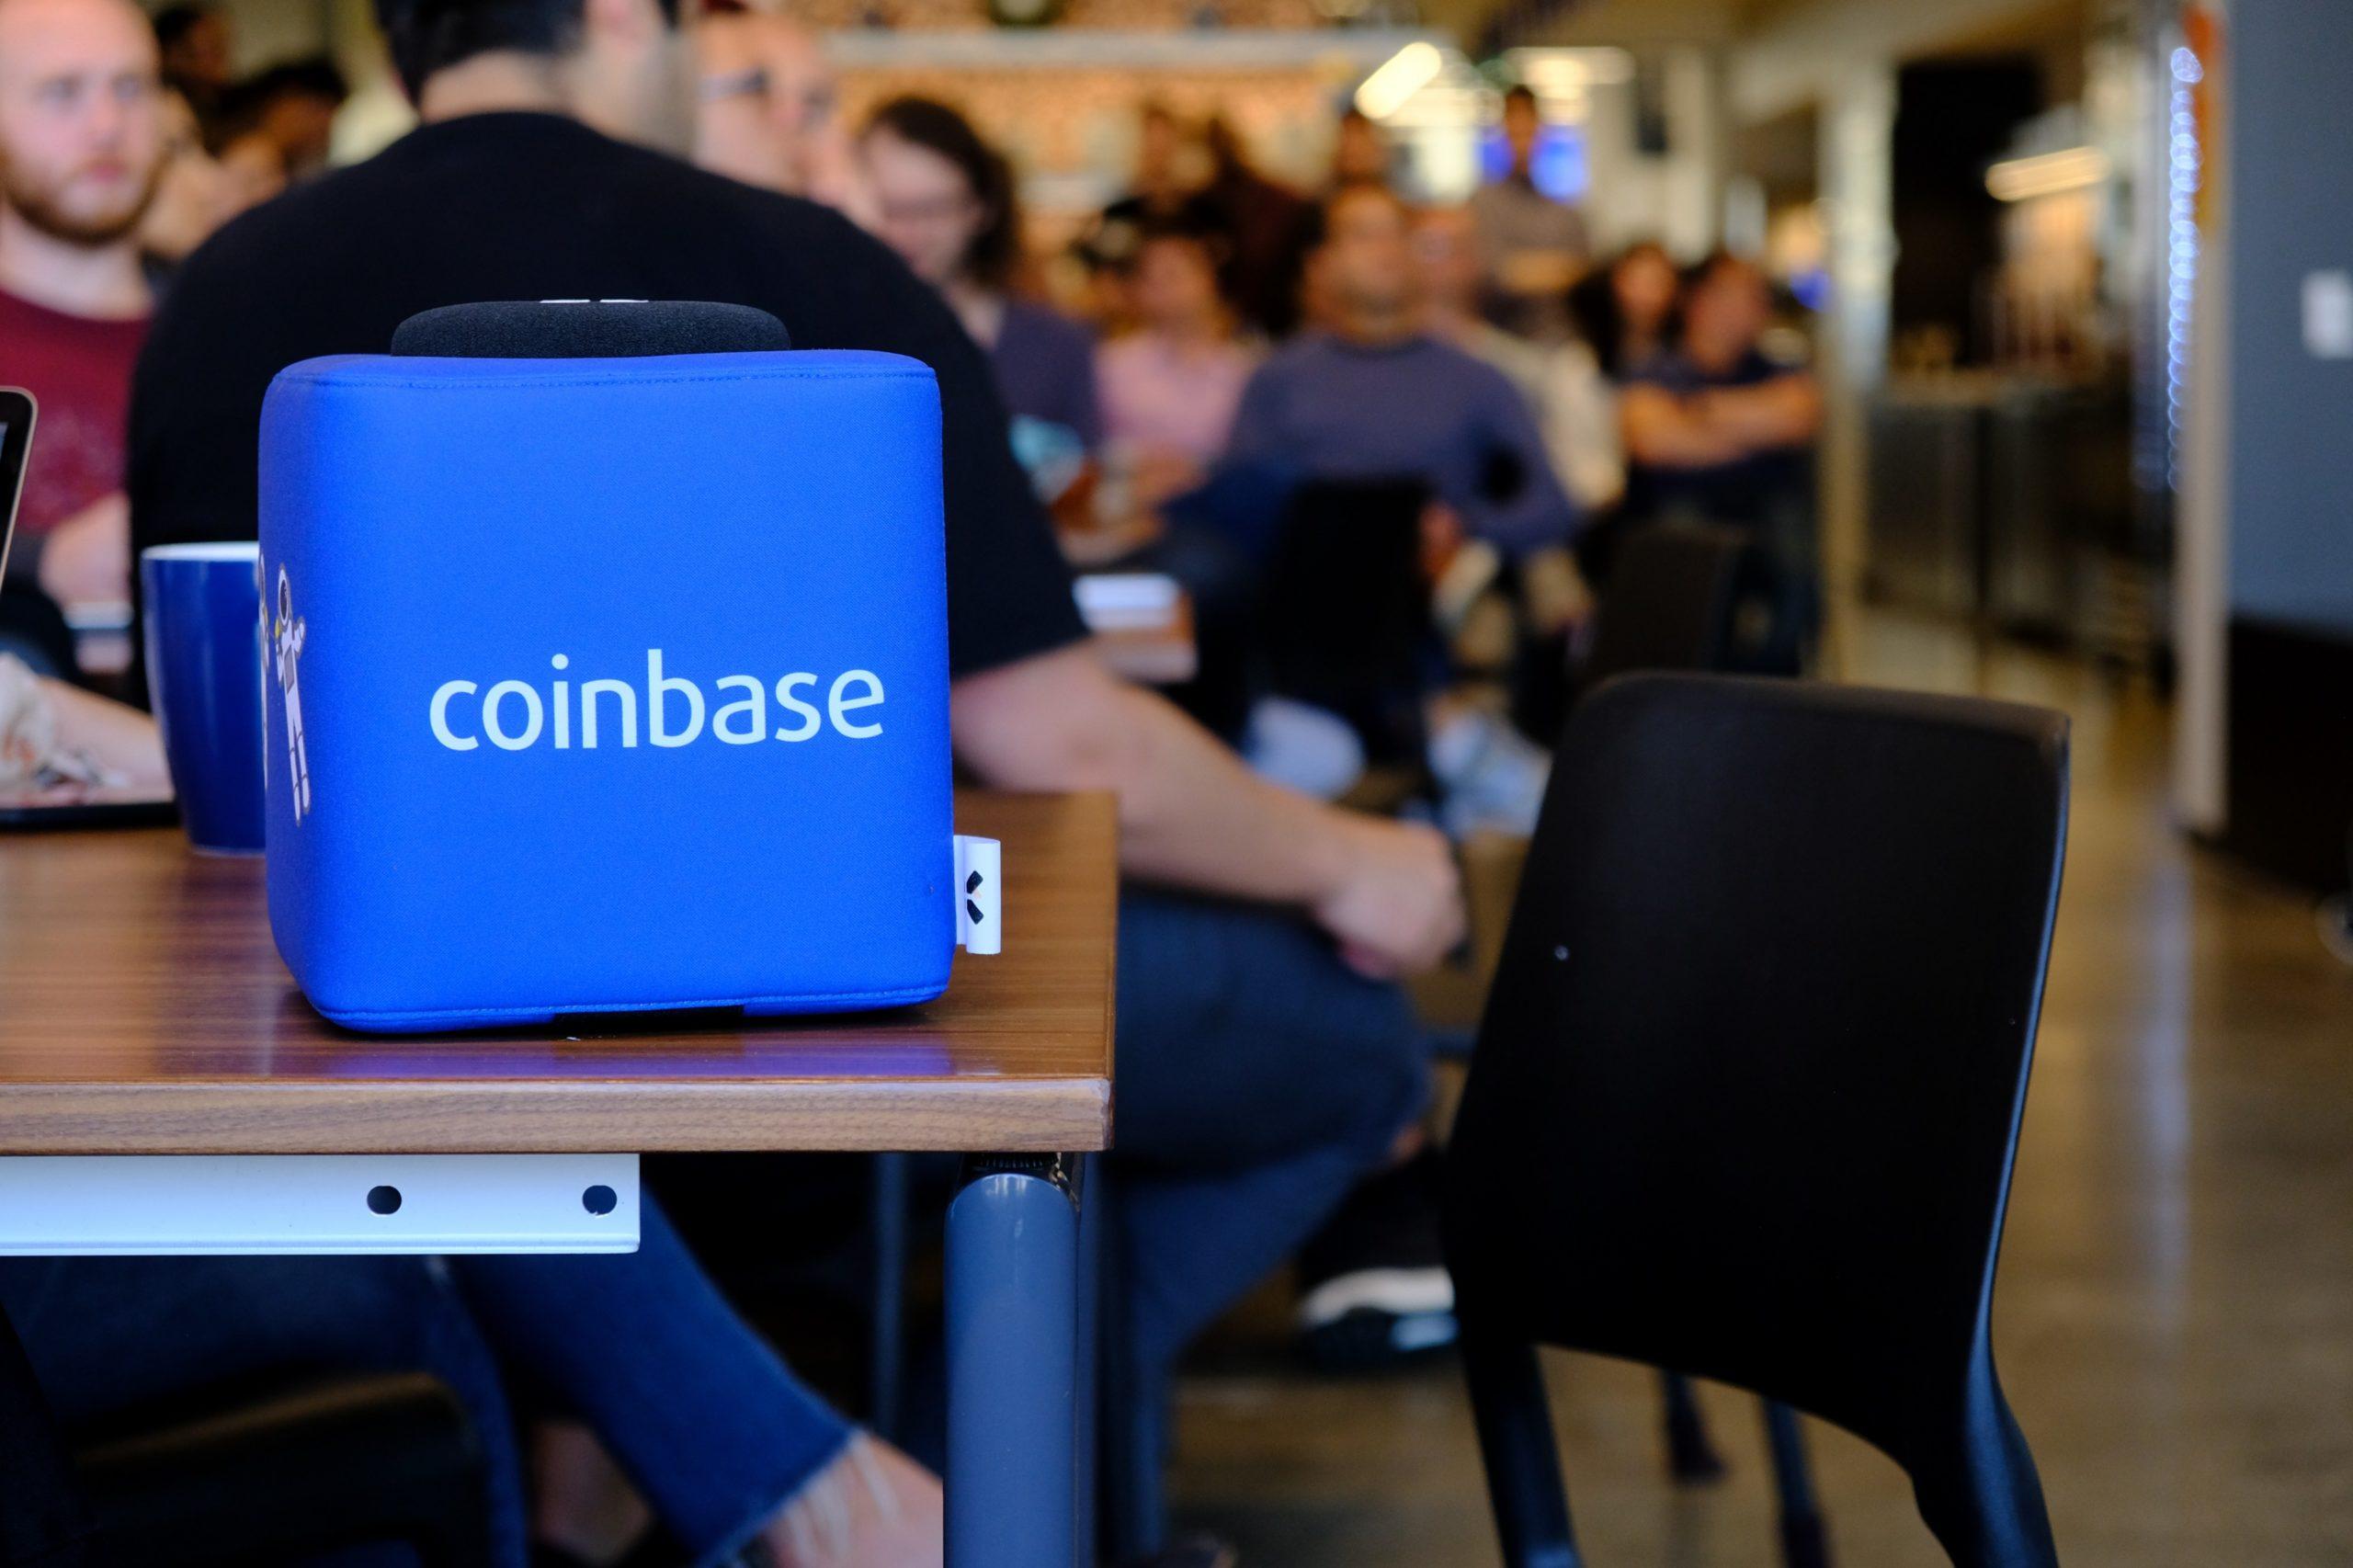 coinbase is gucunu merkeziyetsizlestirmek icin eski merkez ofisini kapatiyor